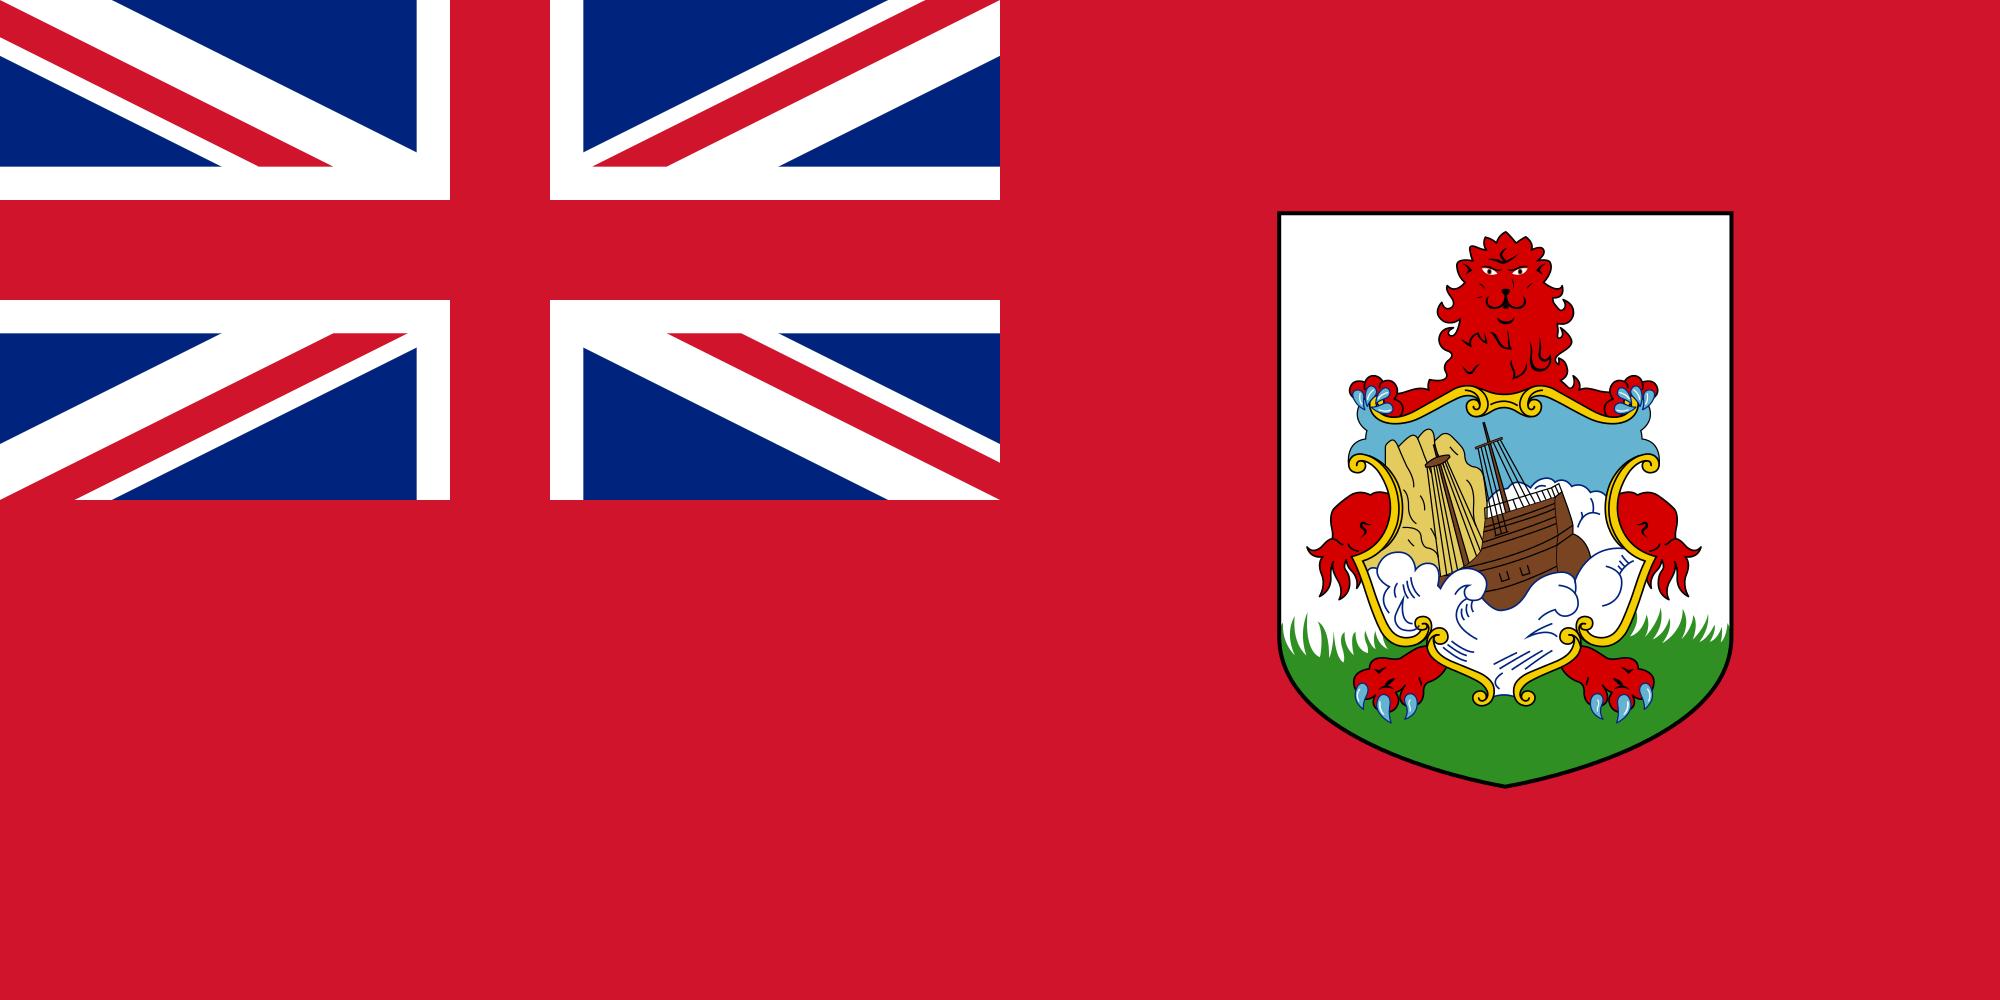 bermudas, país, emblema, insignia, символ - Обои HD - Профессор falken.com